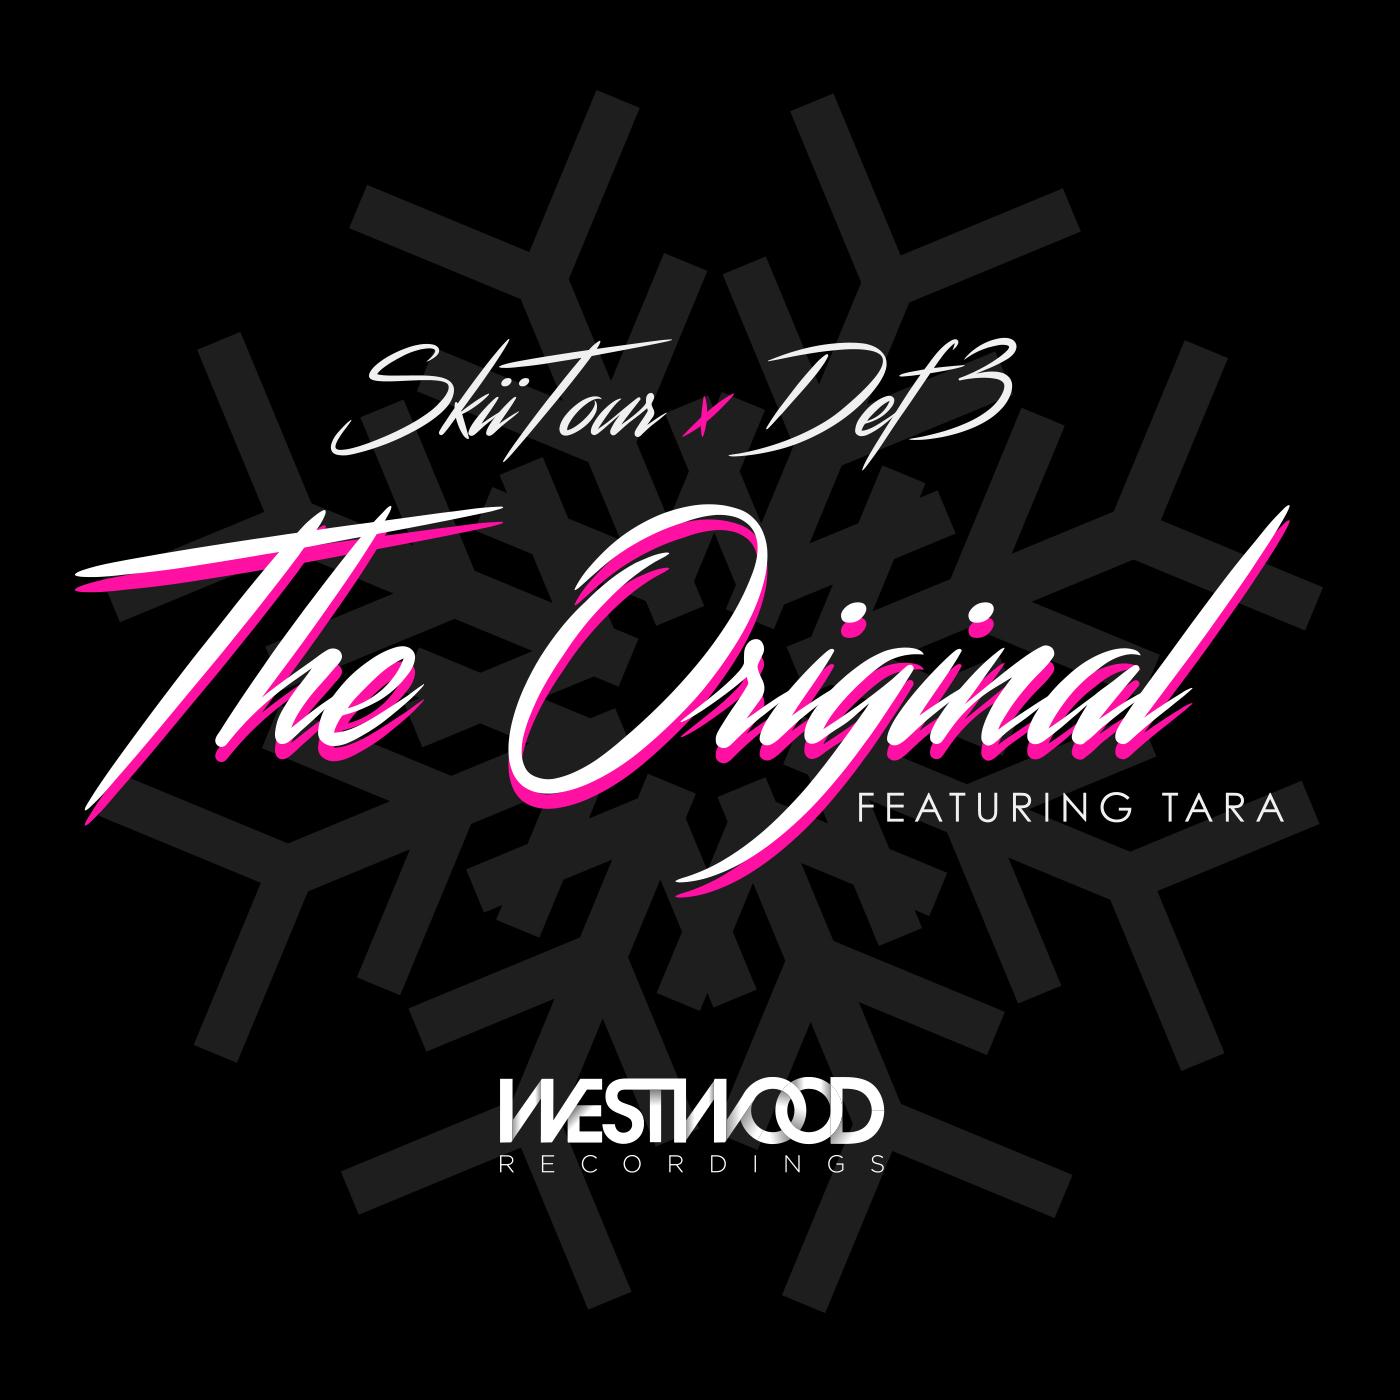 skiitour-def3-the-original-cover